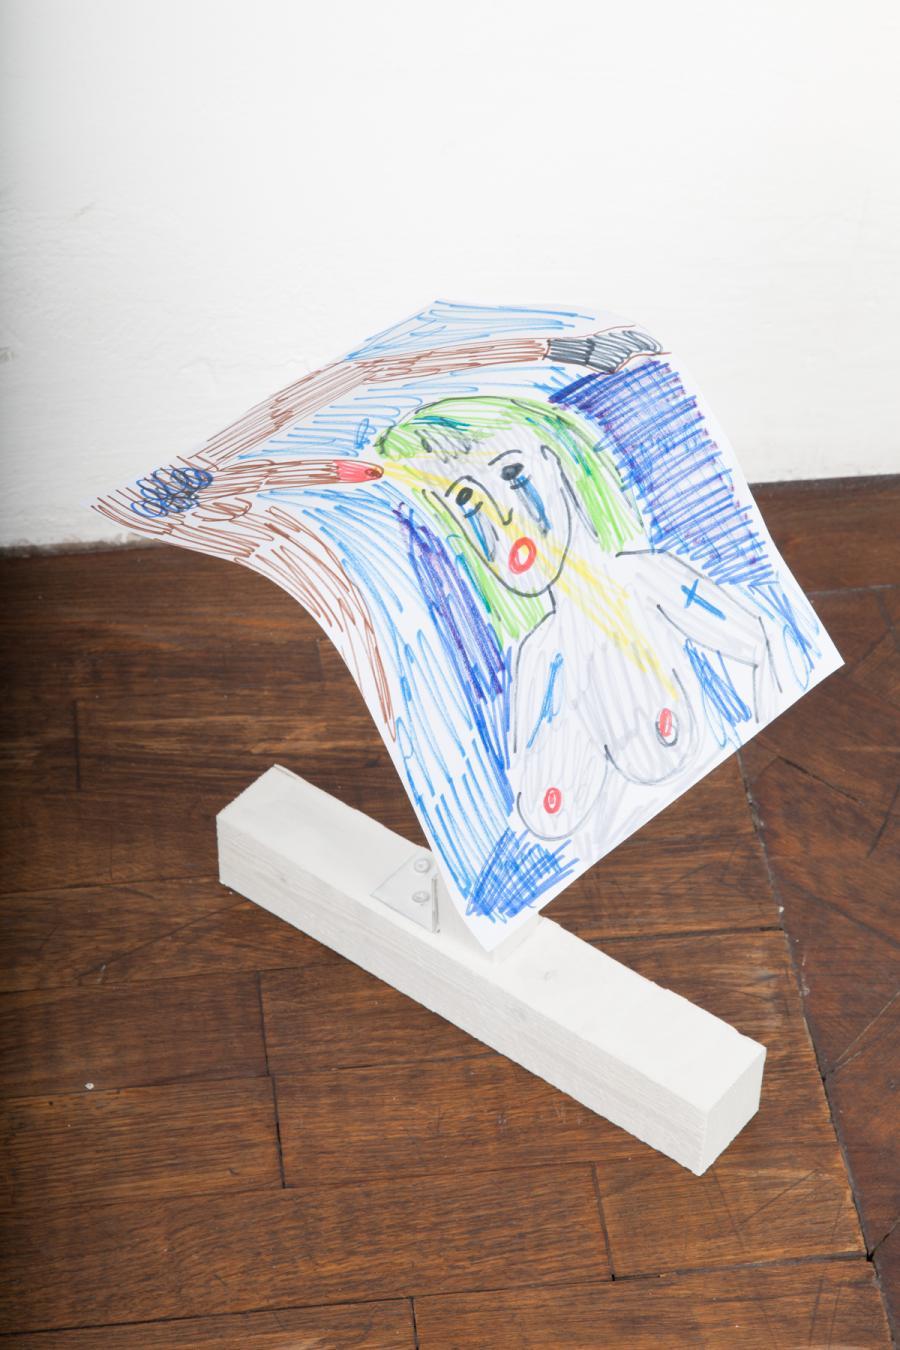 """Rade Petrasevic """"Edition"""" (1), Unikat, 36 cm, Zeichnung auf Holzkonstruktion, 2015, € 550,-"""